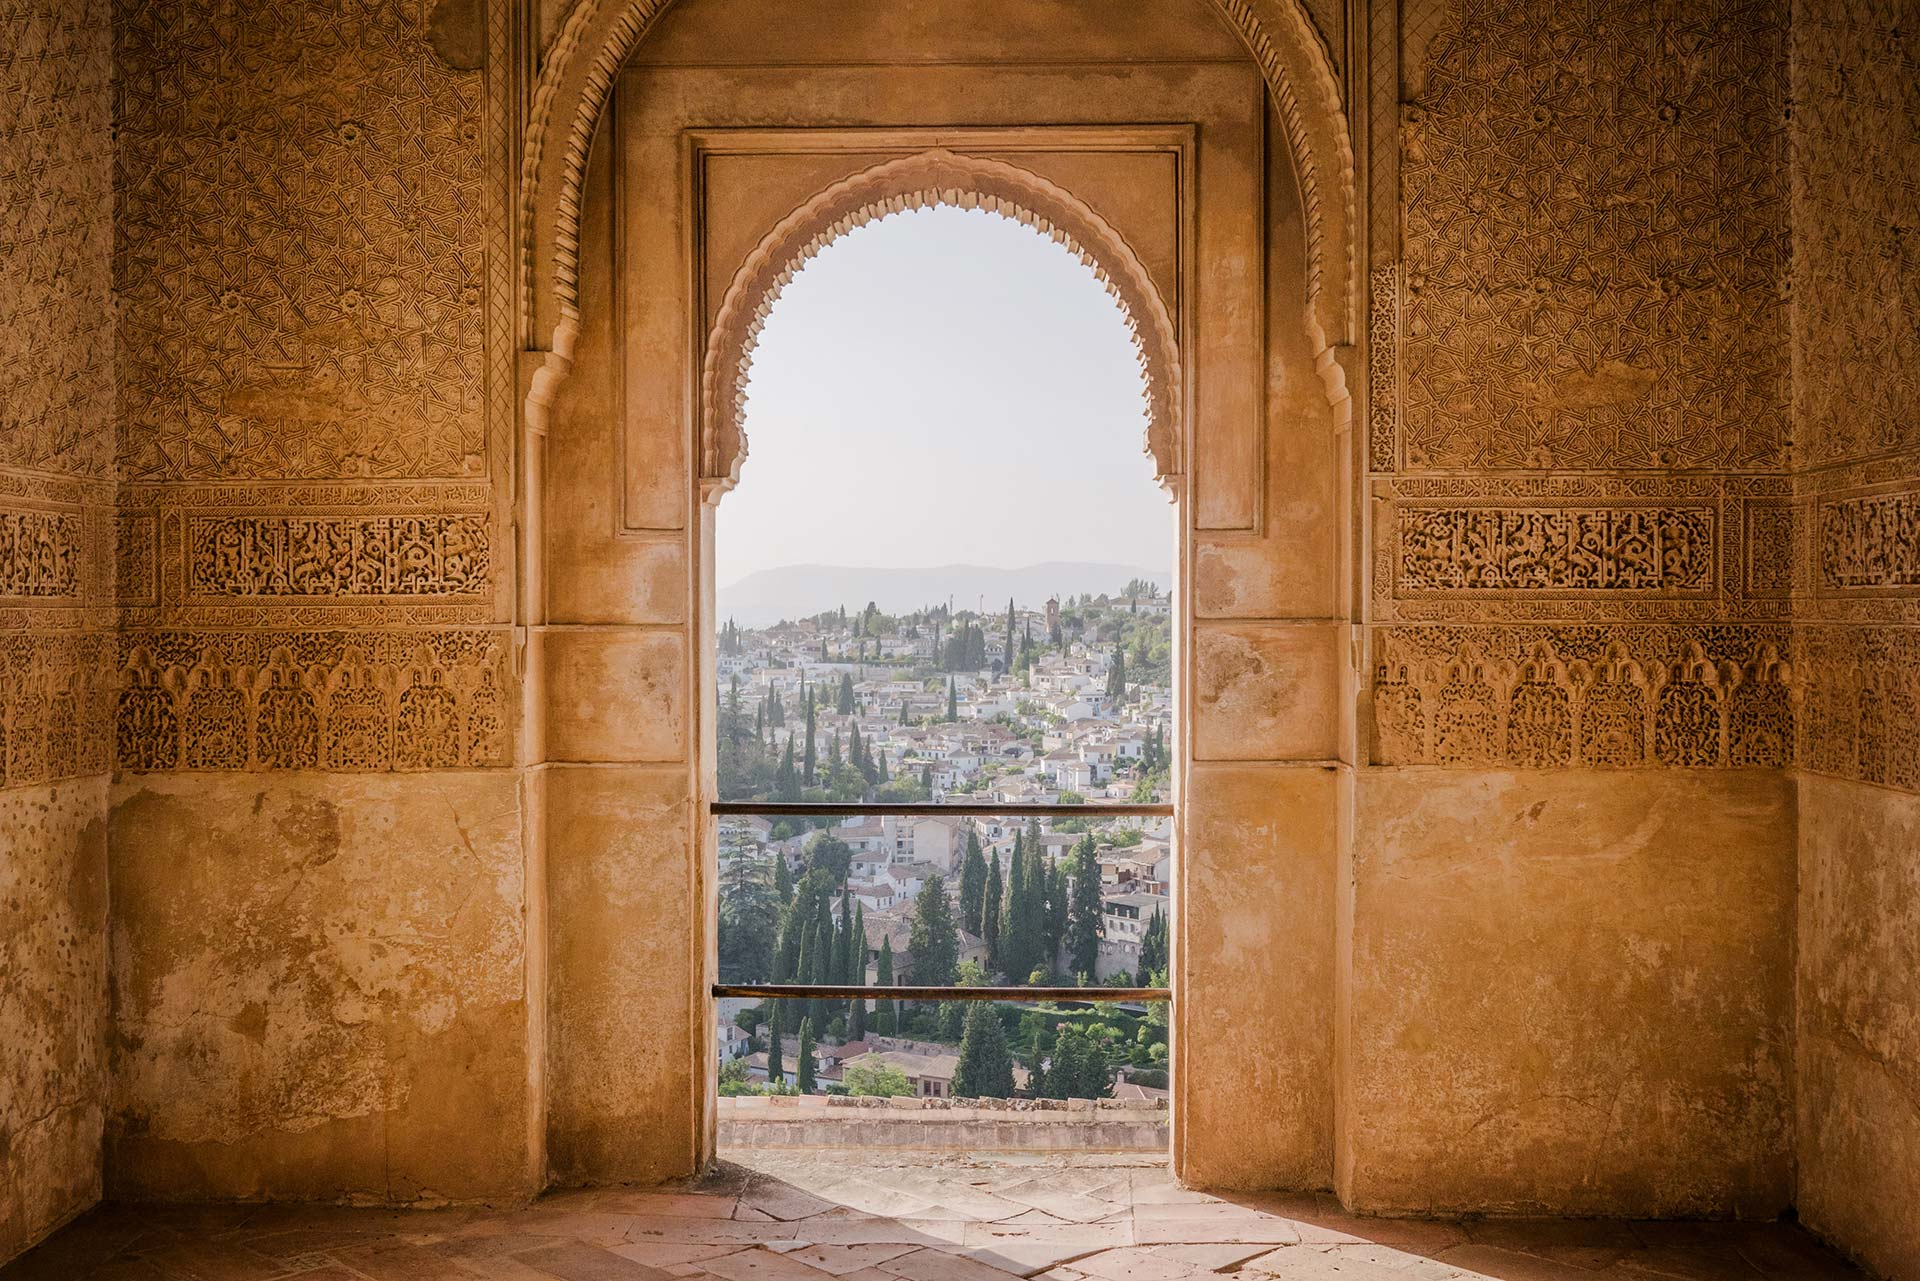 l'Islam e il mondo degli affari